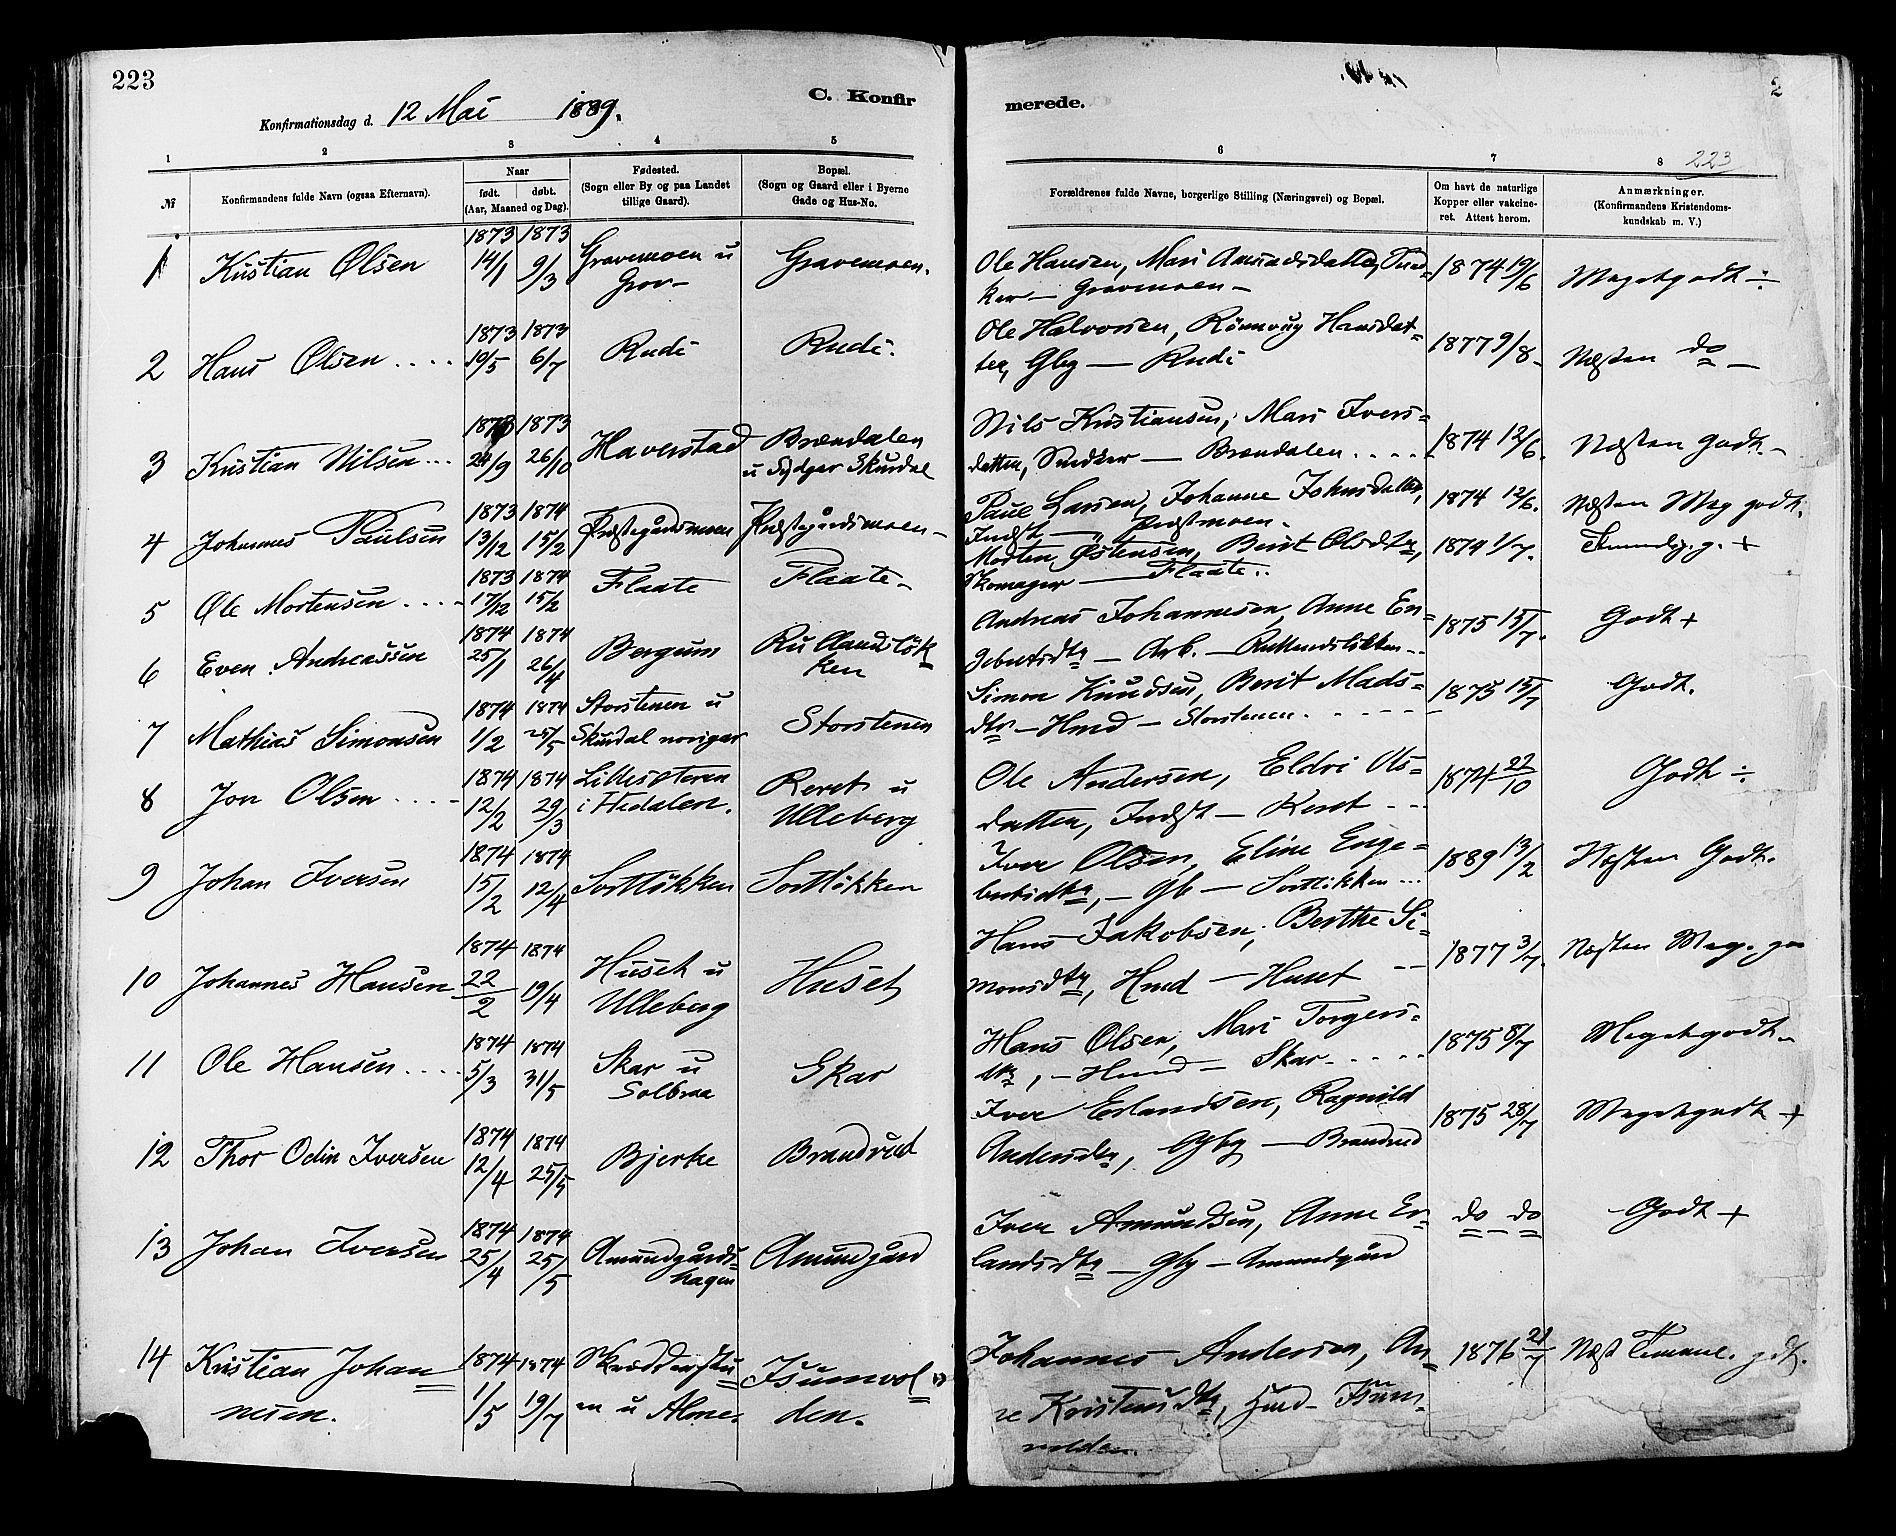 SAH, Sør-Fron prestekontor, H/Ha/Haa/L0003: Ministerialbok nr. 3, 1881-1897, s. 223